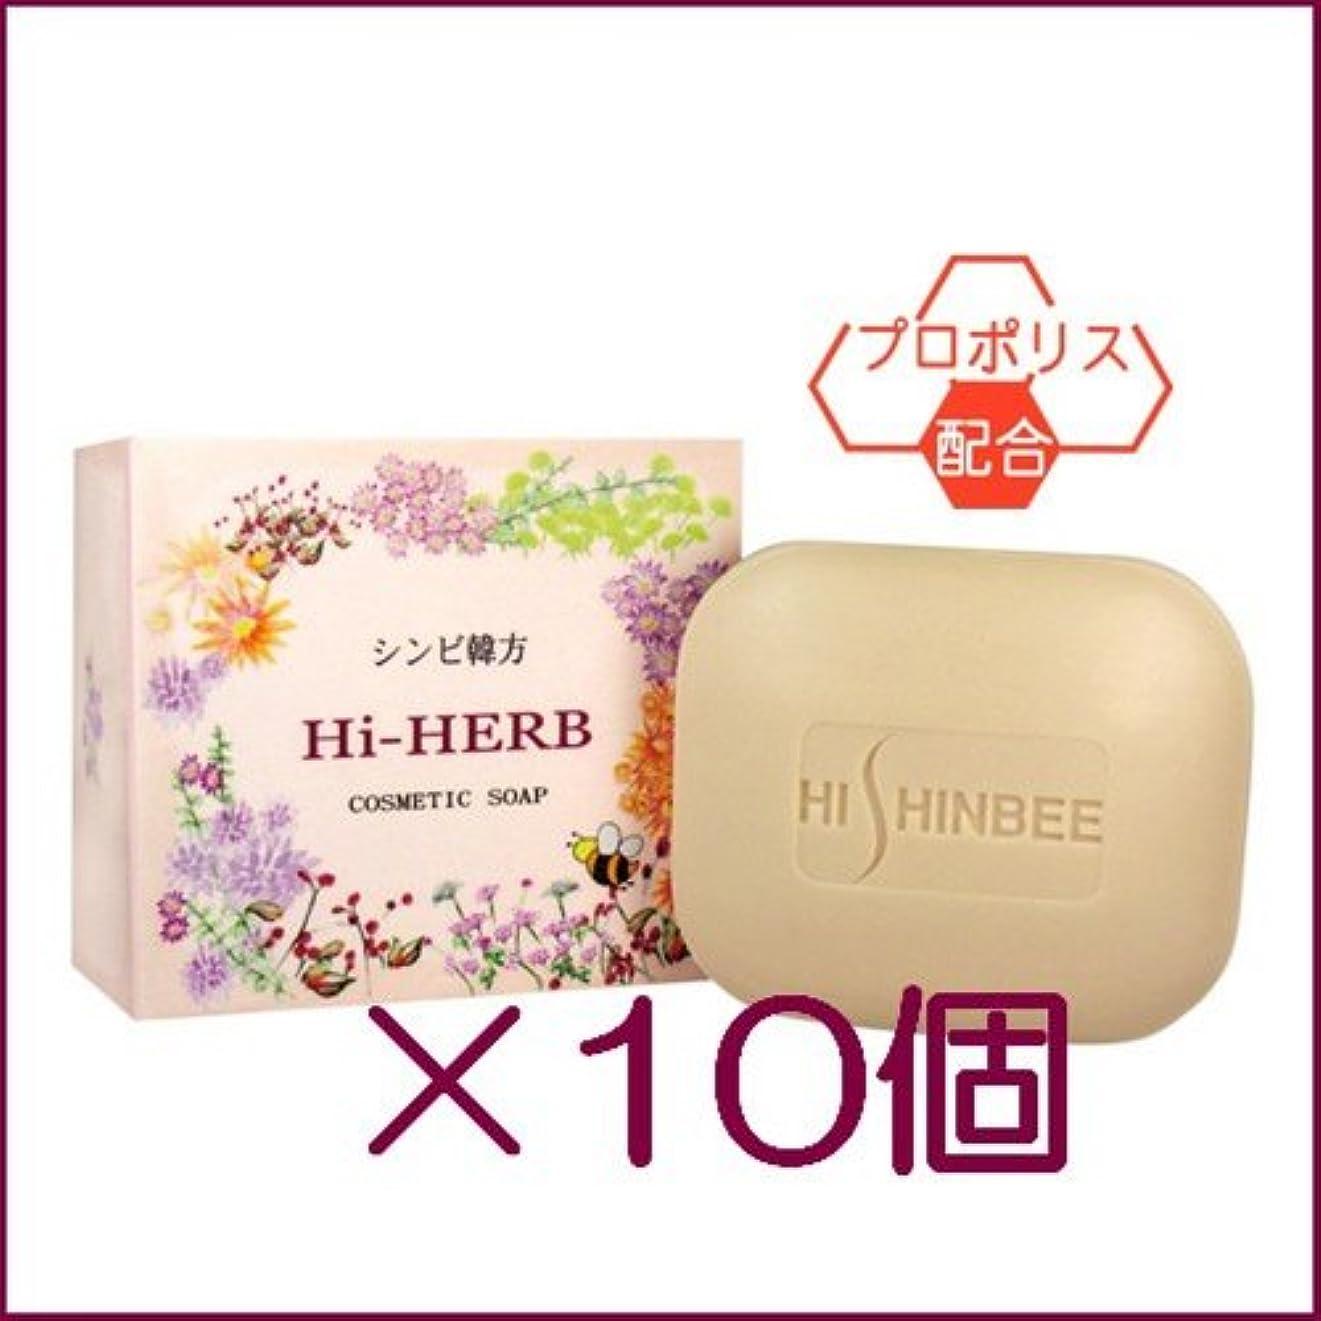 イーウェル機械的に公演シンビ 韓方ハイハーブ石鹸 100g ×10個